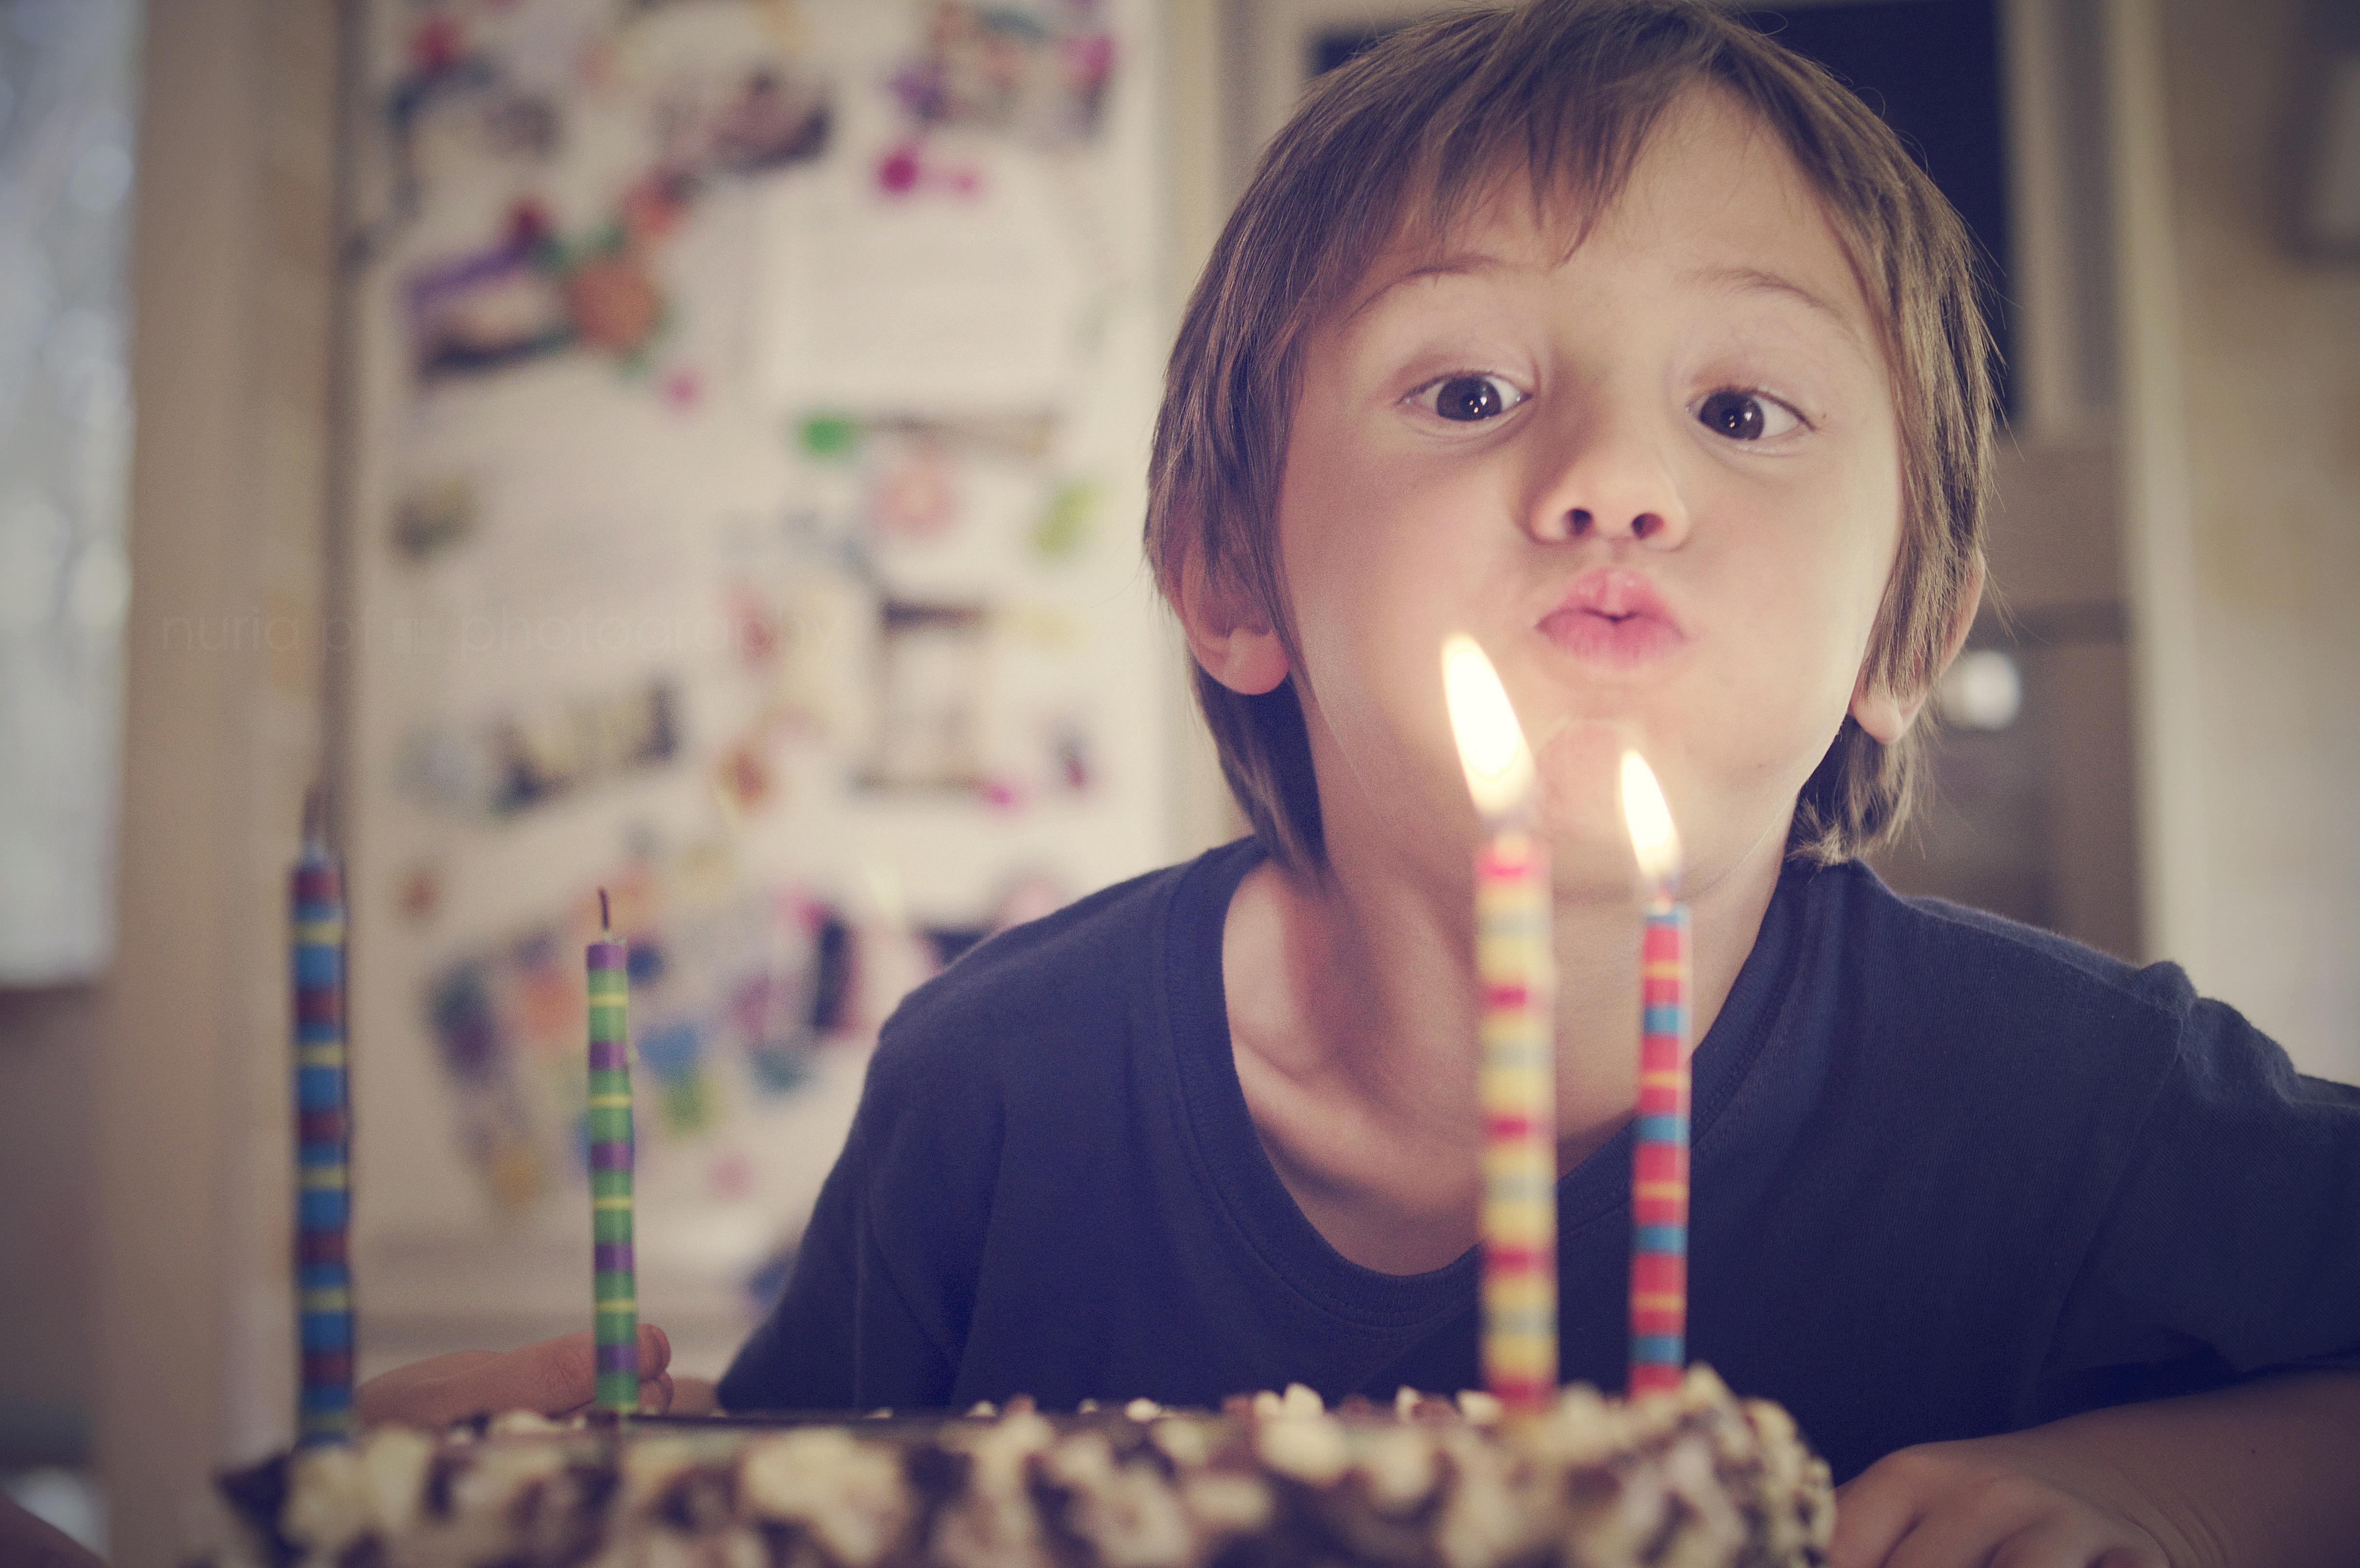 Regalo Para Mi Hija De 1 Ano.Frases Para Celebrar El Cumpleanos De Tu Hijo